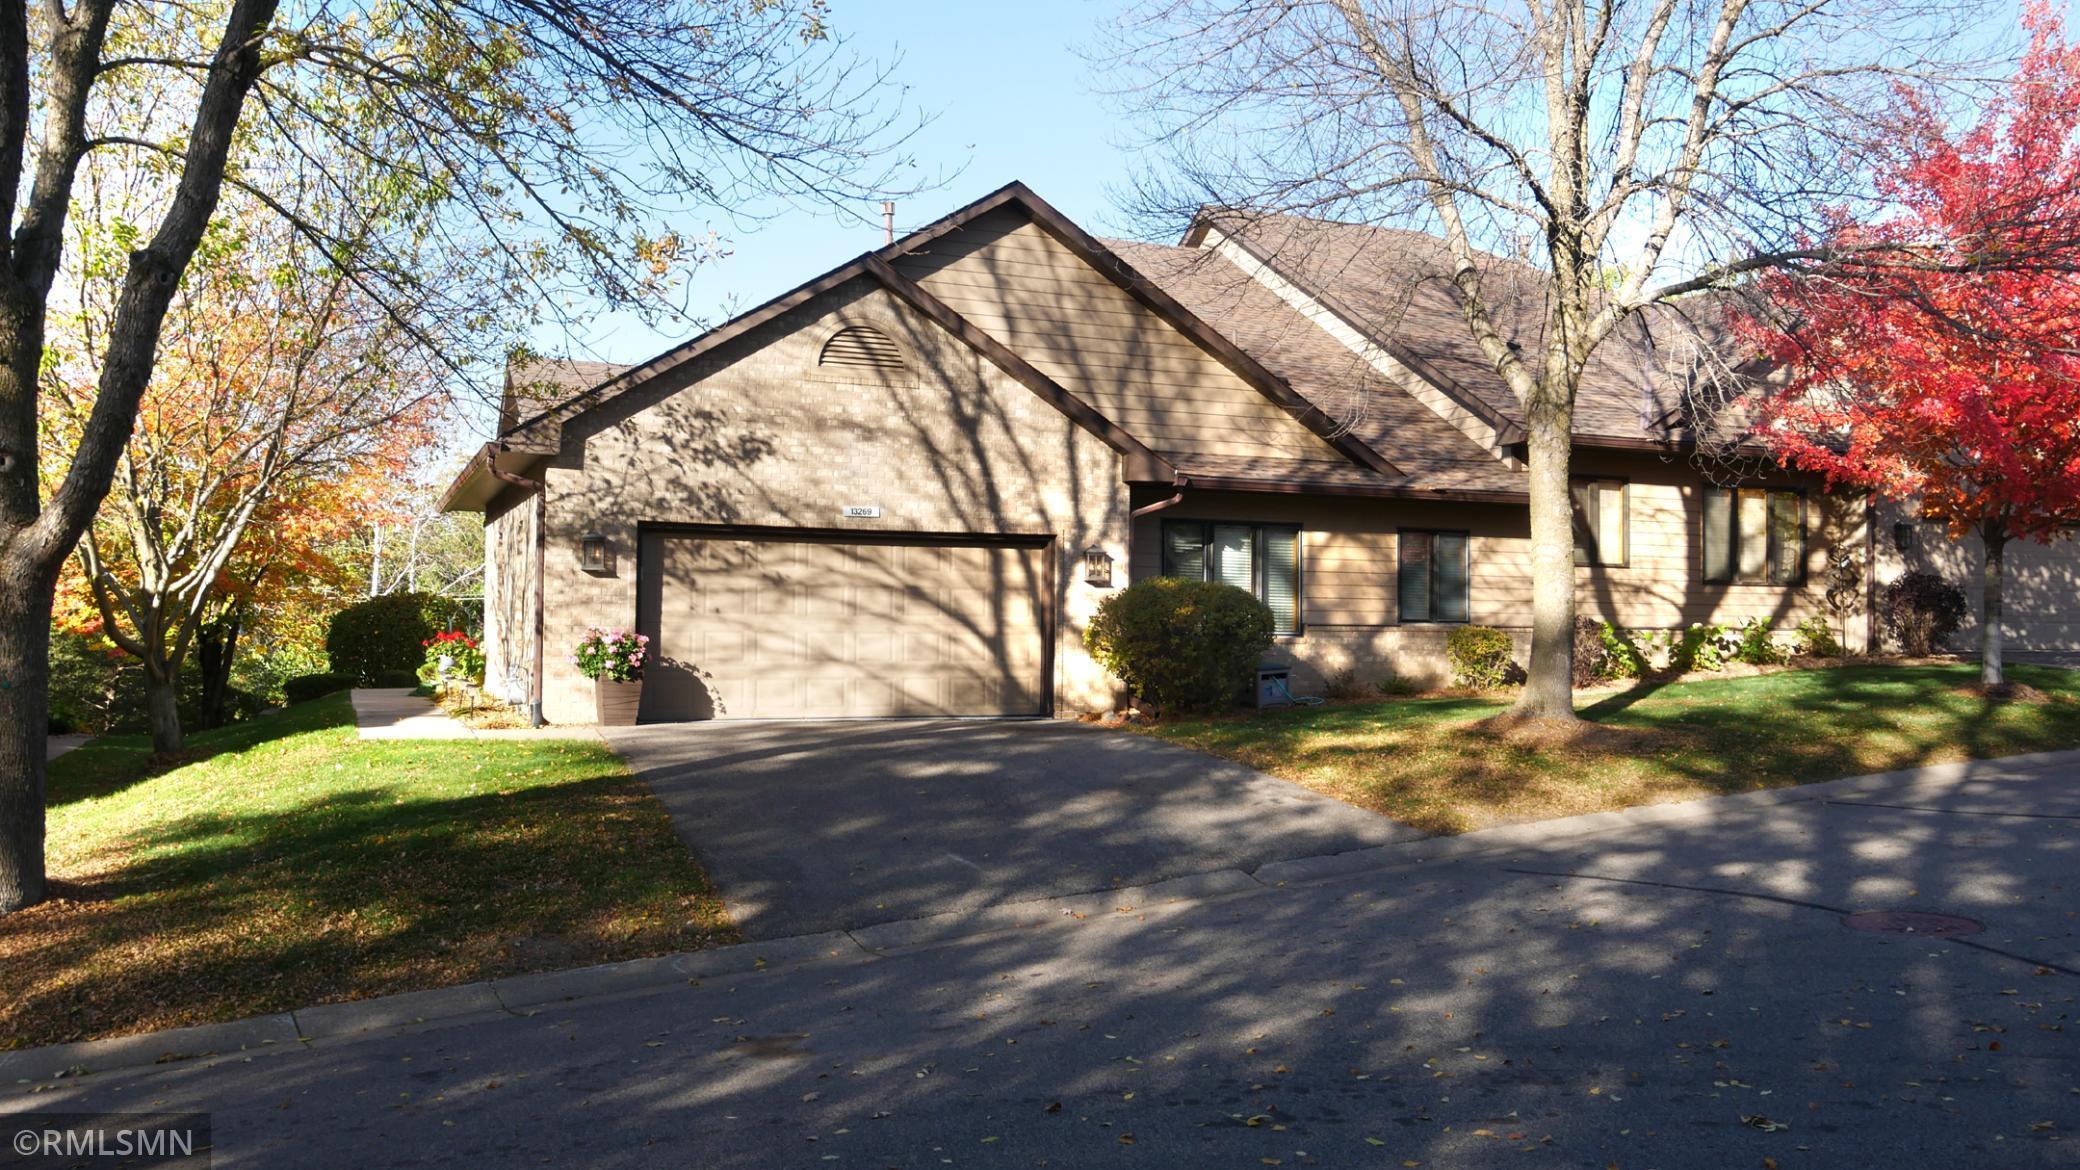 13269 Huntington Terrace, Apple Valley, MN 55124